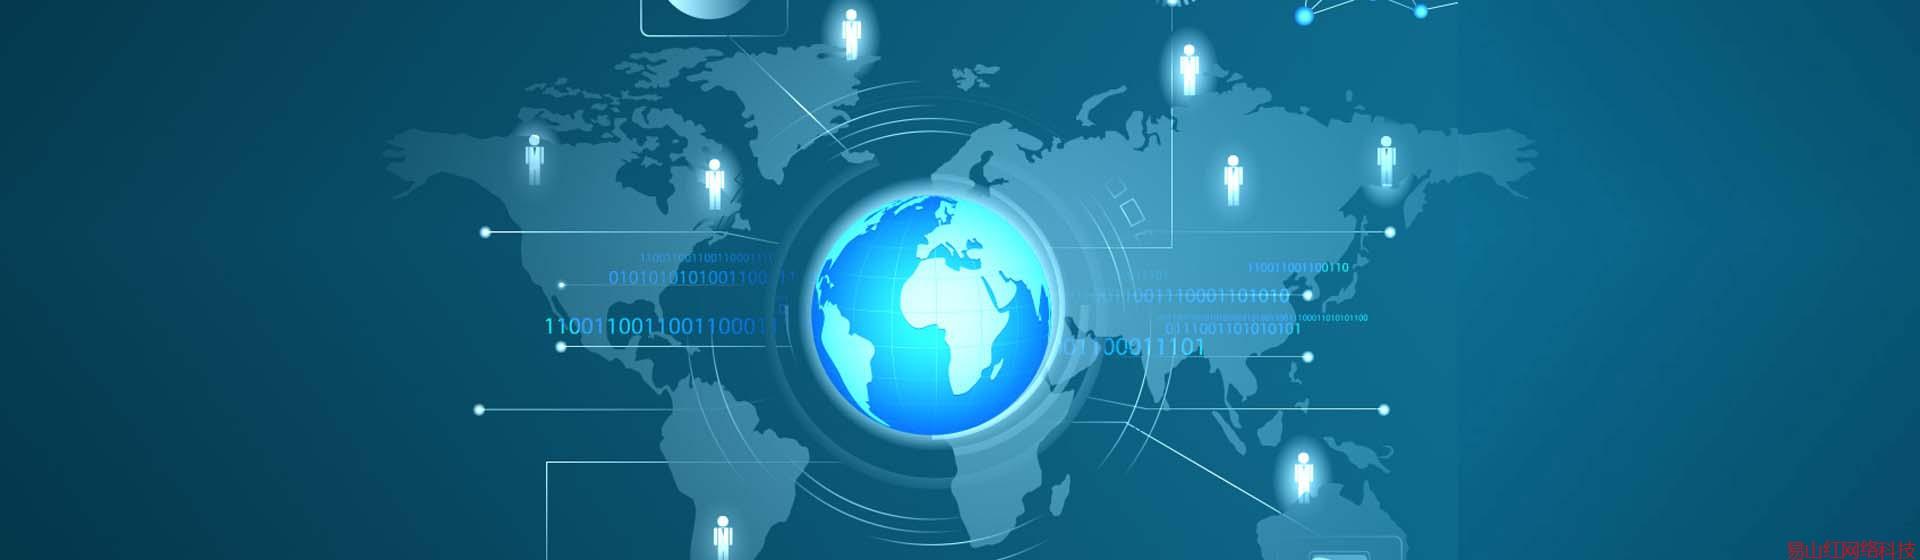 帮企业在互联网上建设自己的家,让企业进入千家万户!!